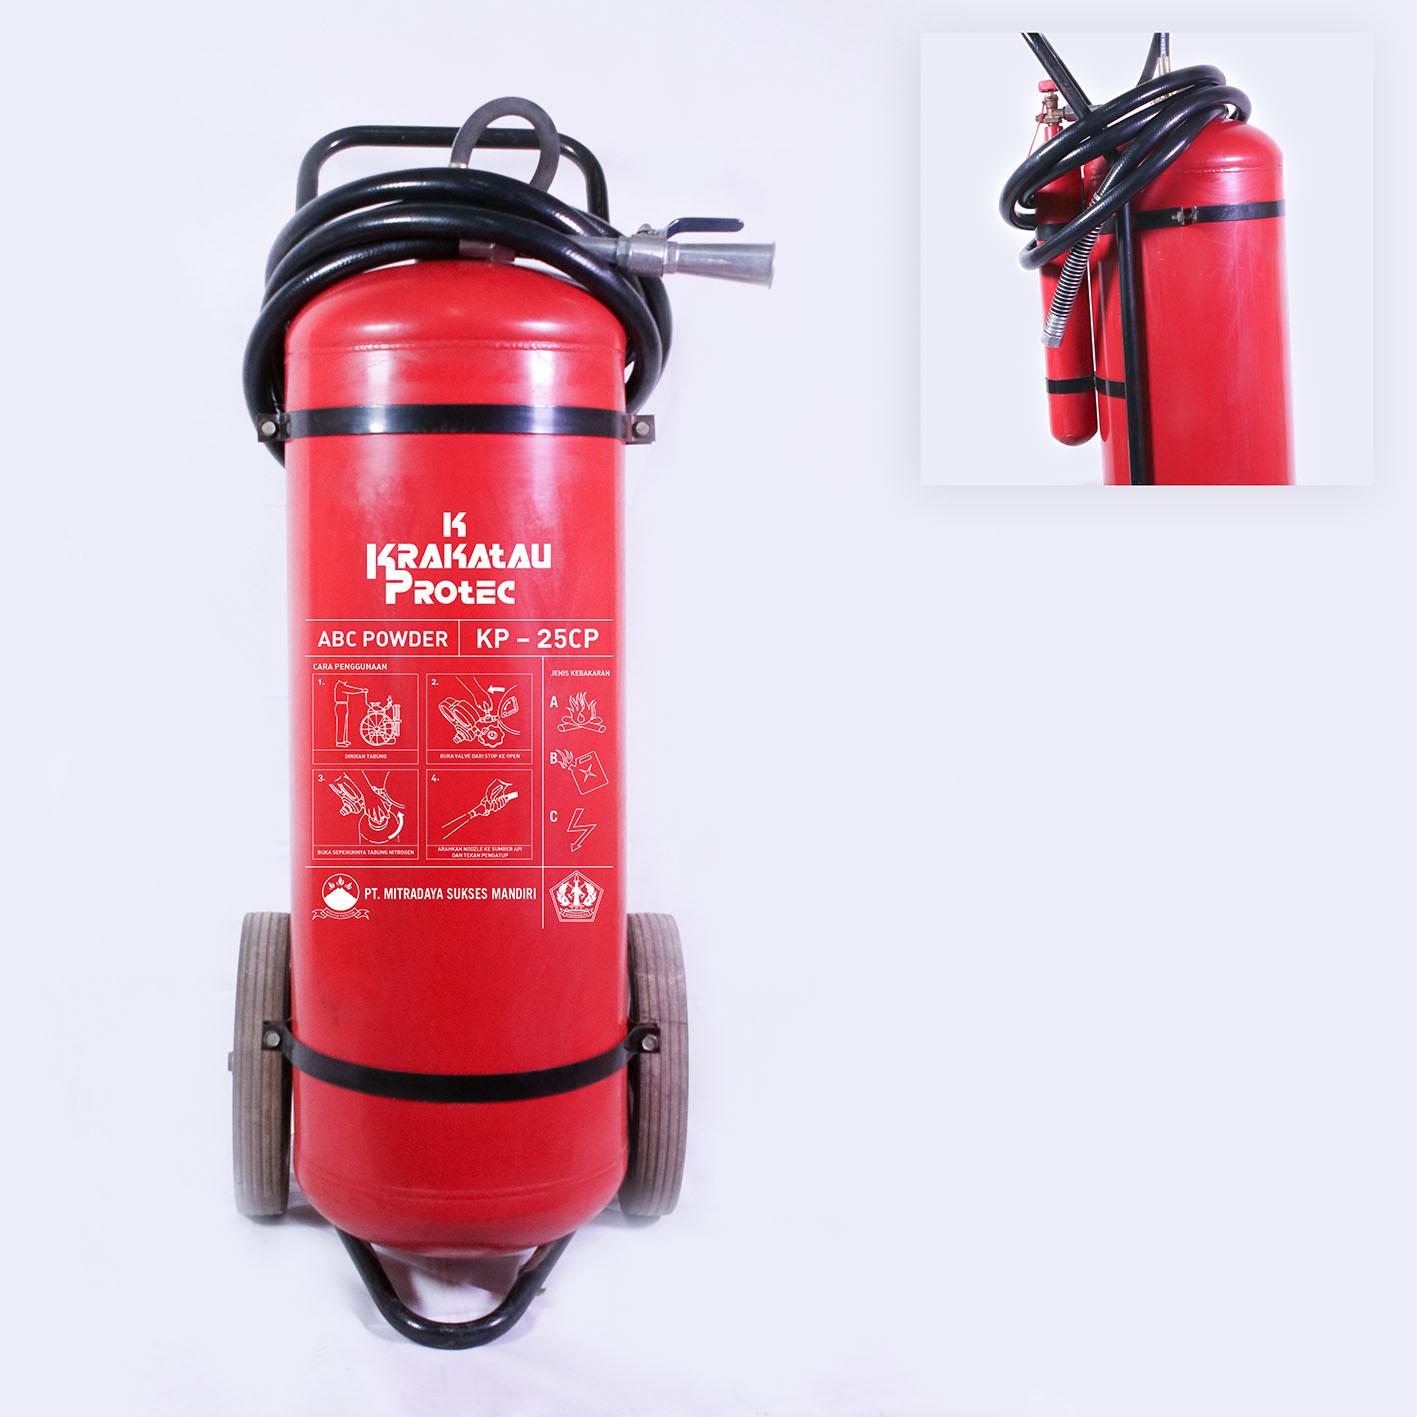 Cartridge Powder 25 Kg / KP25CP